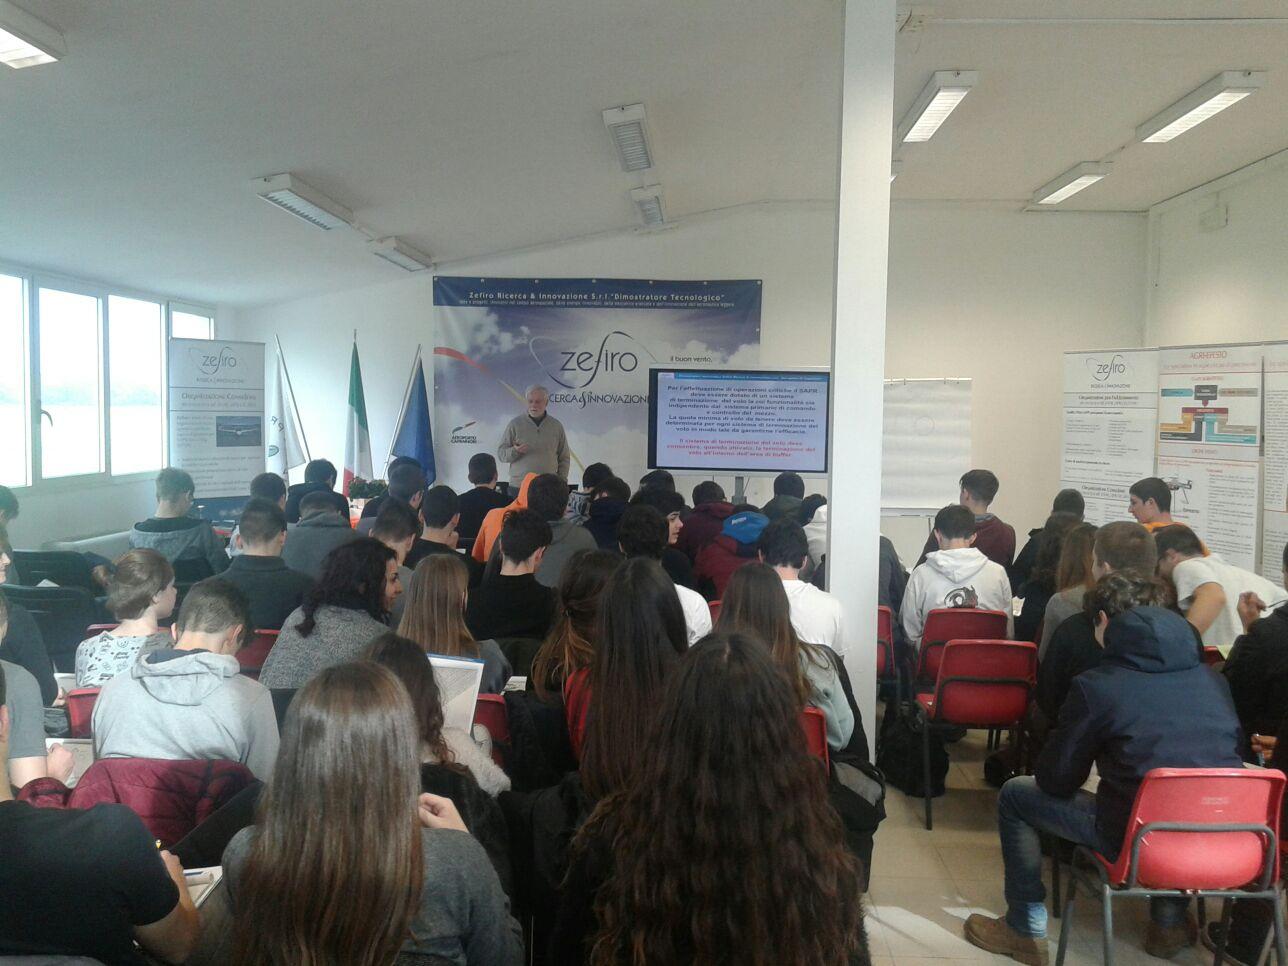 Nuovi Orizzonti Nuove professioni, un progetto di Alternanza Scuola Lavoro nato dalla collaborazione tra Zefiro Ricerca e Innovazione e il Tour Operator FLOR.TO di Firenze.